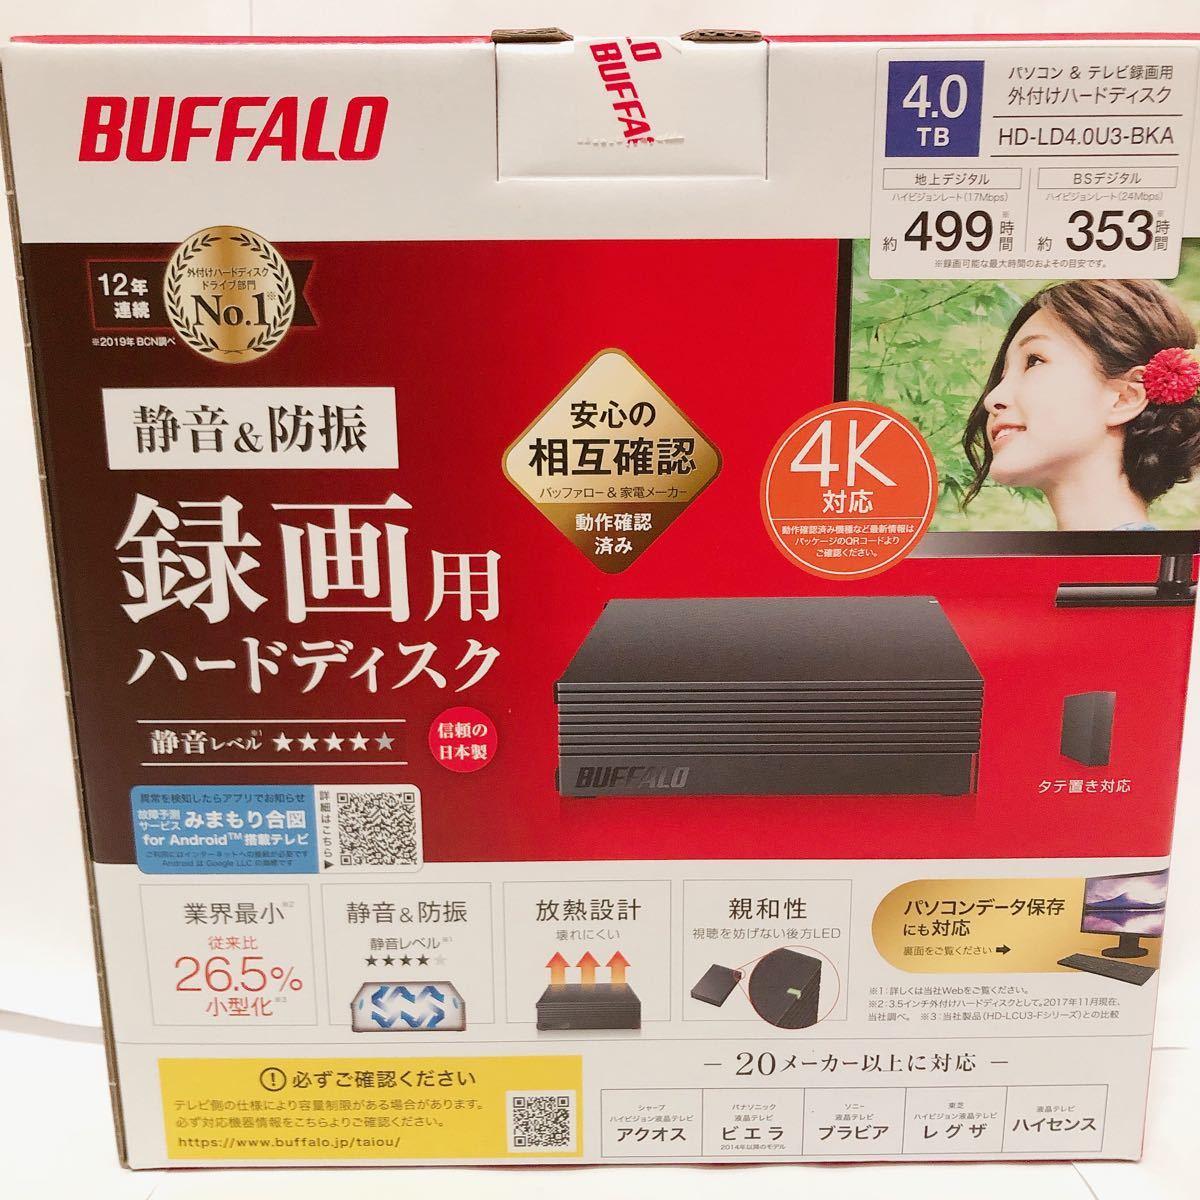 バッファロー USB3.1 3.0対応 外付けHDD 4TB(ブラック)